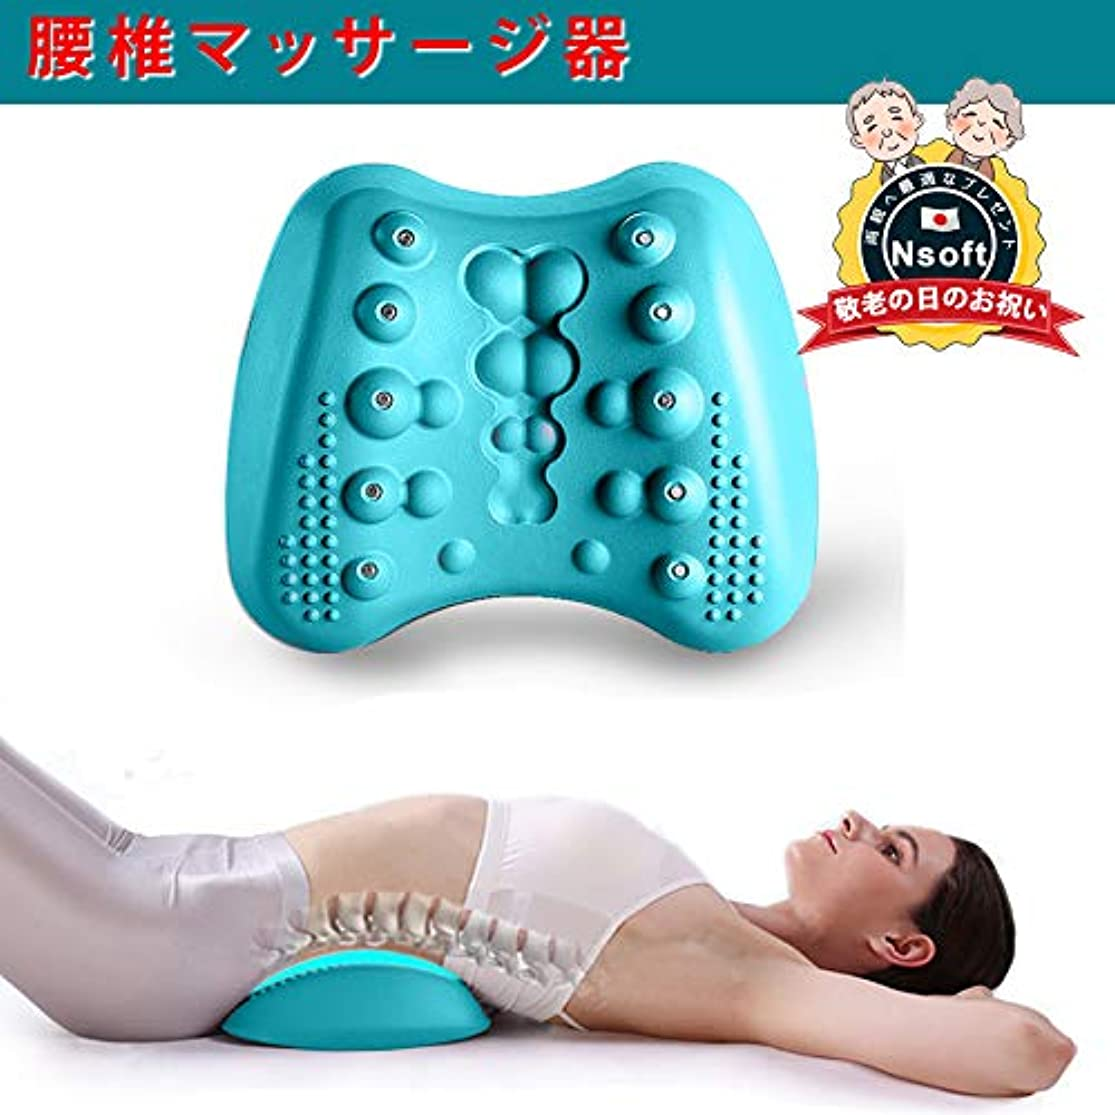 消化カラス立法腰椎矯正器 腰マッサージ器 脊椎牽引器 腰部パッド マグネット指圧 疲労を和らげる 腰痛を和らげる